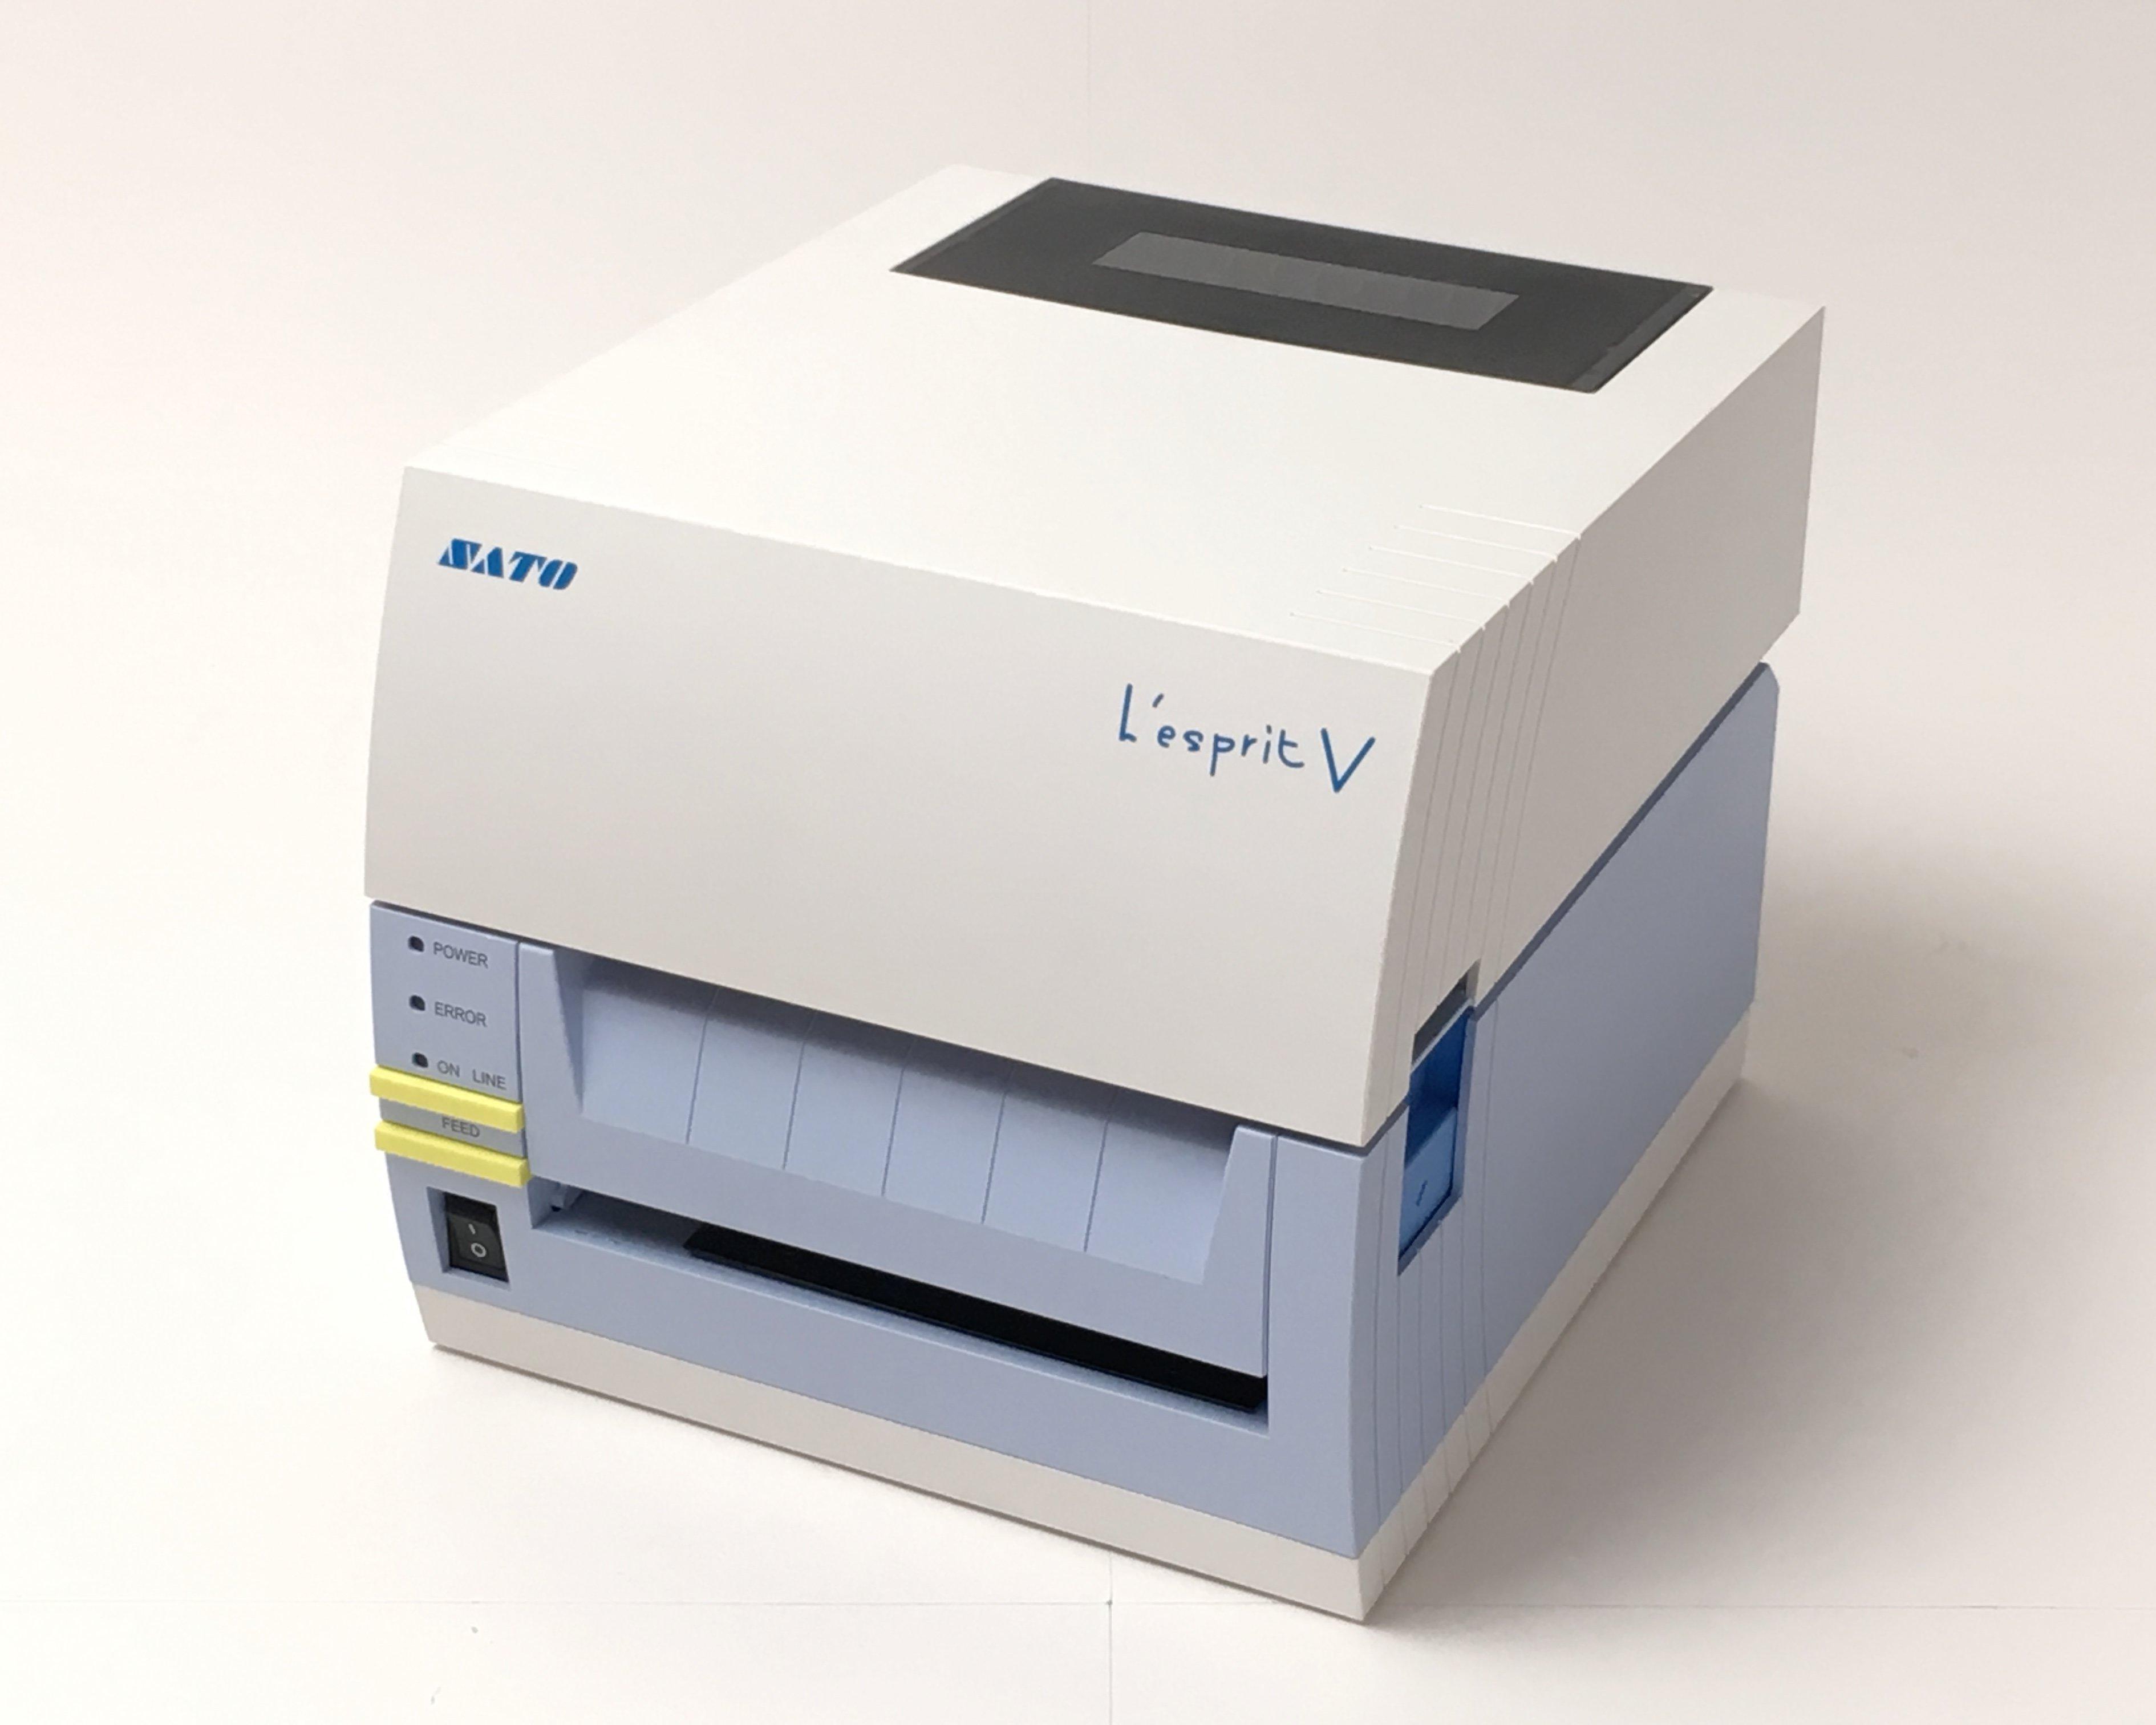 【優良中古】レスプリ(Lesprit) R408V+CT(LAN USB) メイン画像